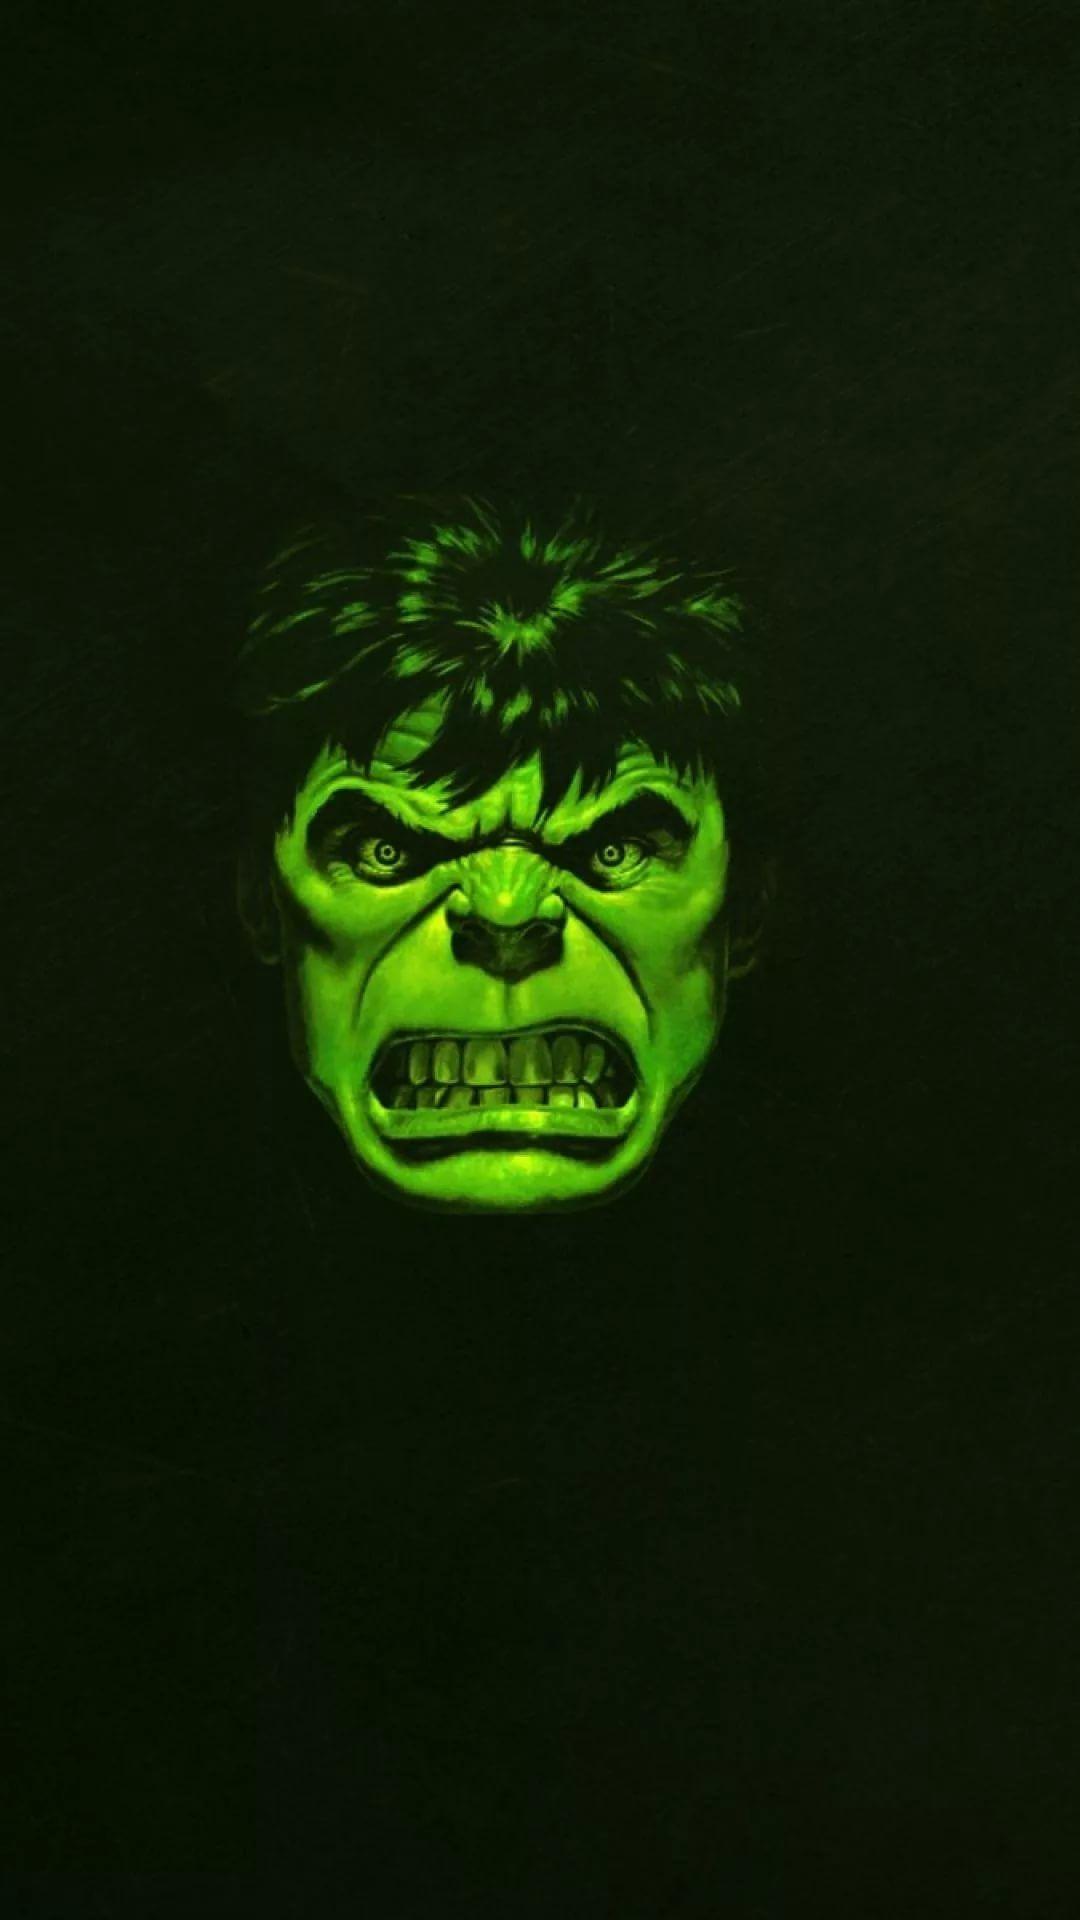 Hulk D screen saver wallpaper